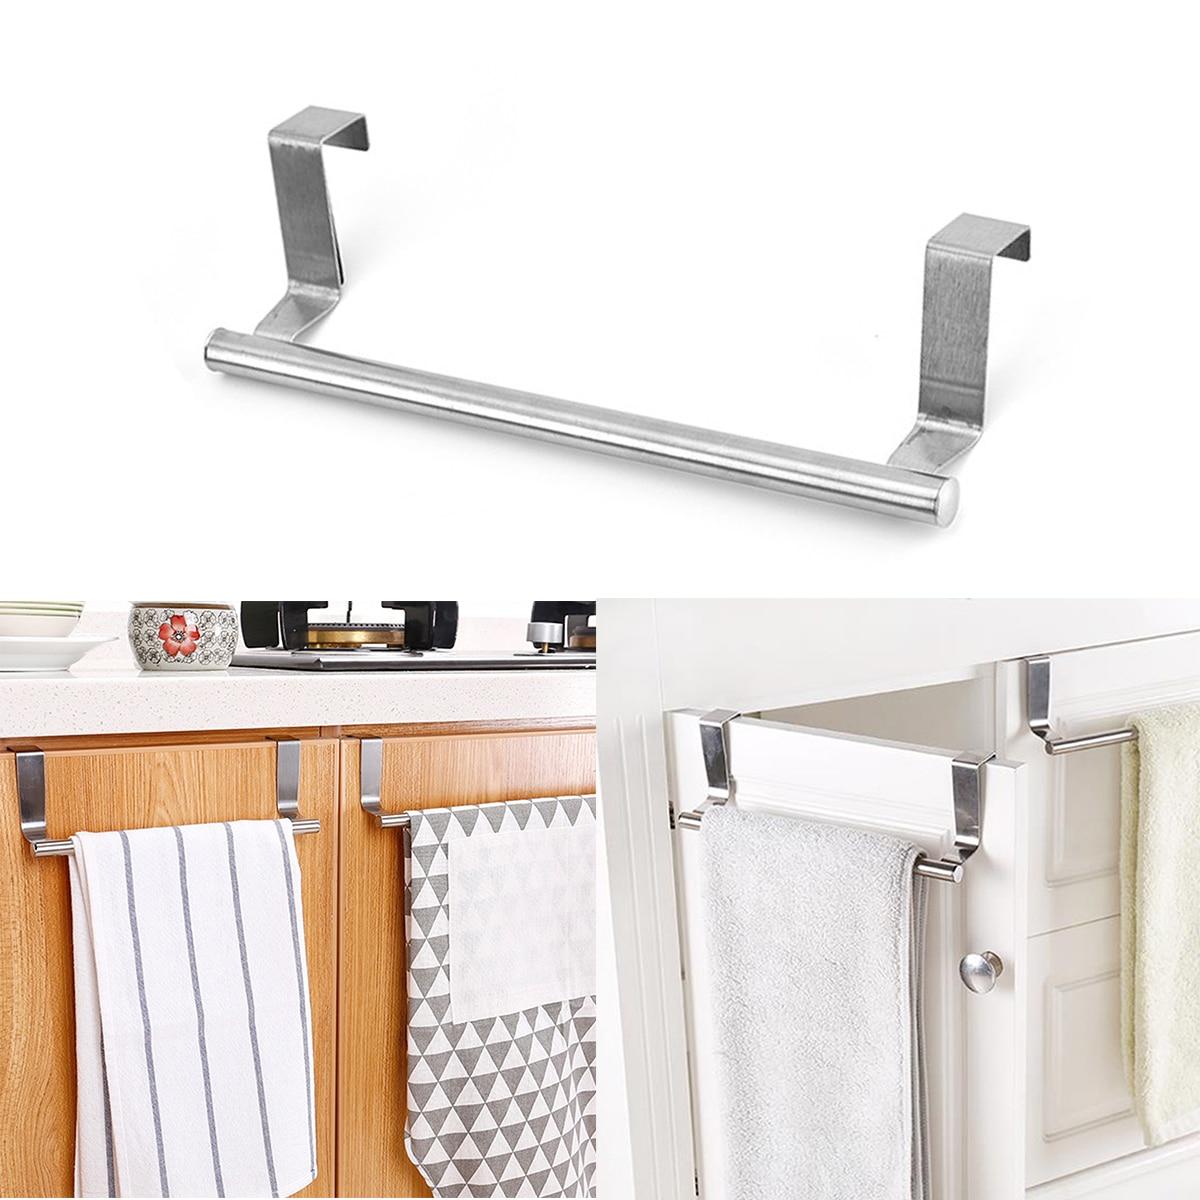 Towel Holder Over Kitchen Cabinet Door Bathroom Towels Rack Hanger Silver Space Aluminum Wall Hanging Towel BarKitche Cabinet